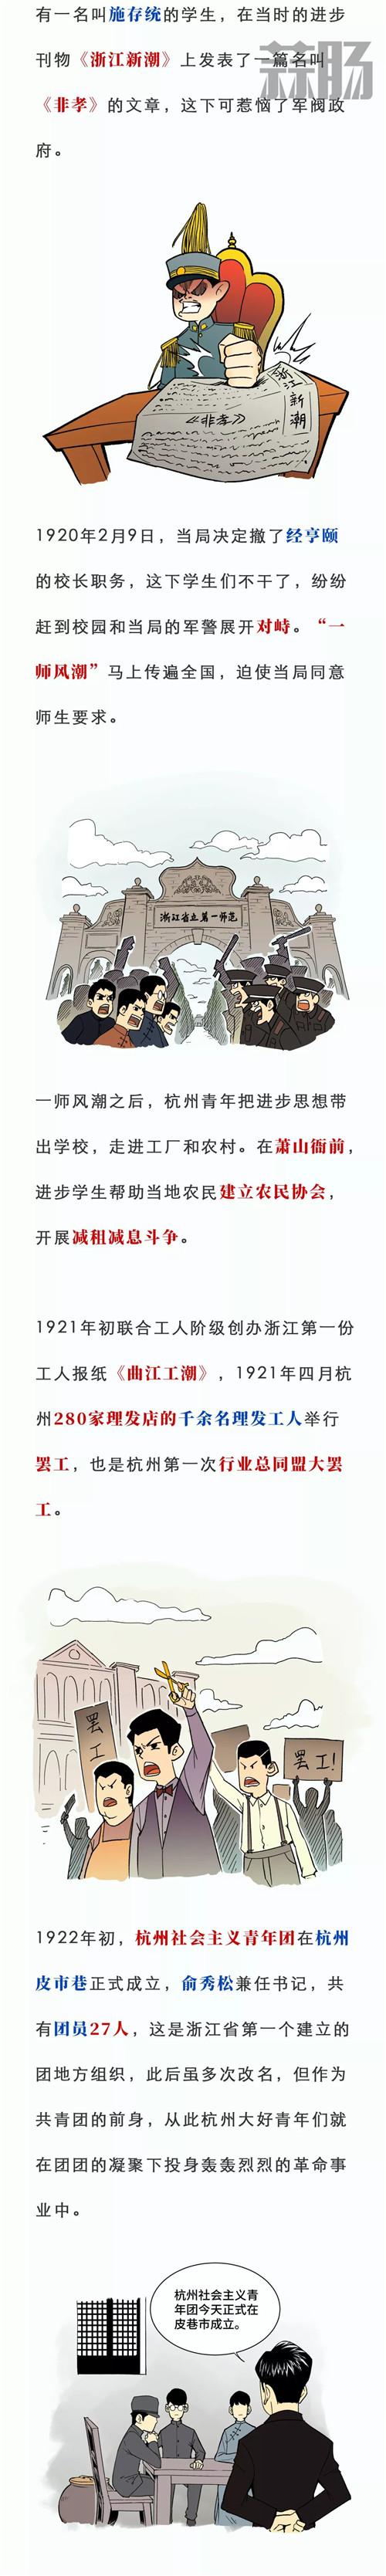 一张漫画看百年前的杭州青年 漫展 第4张